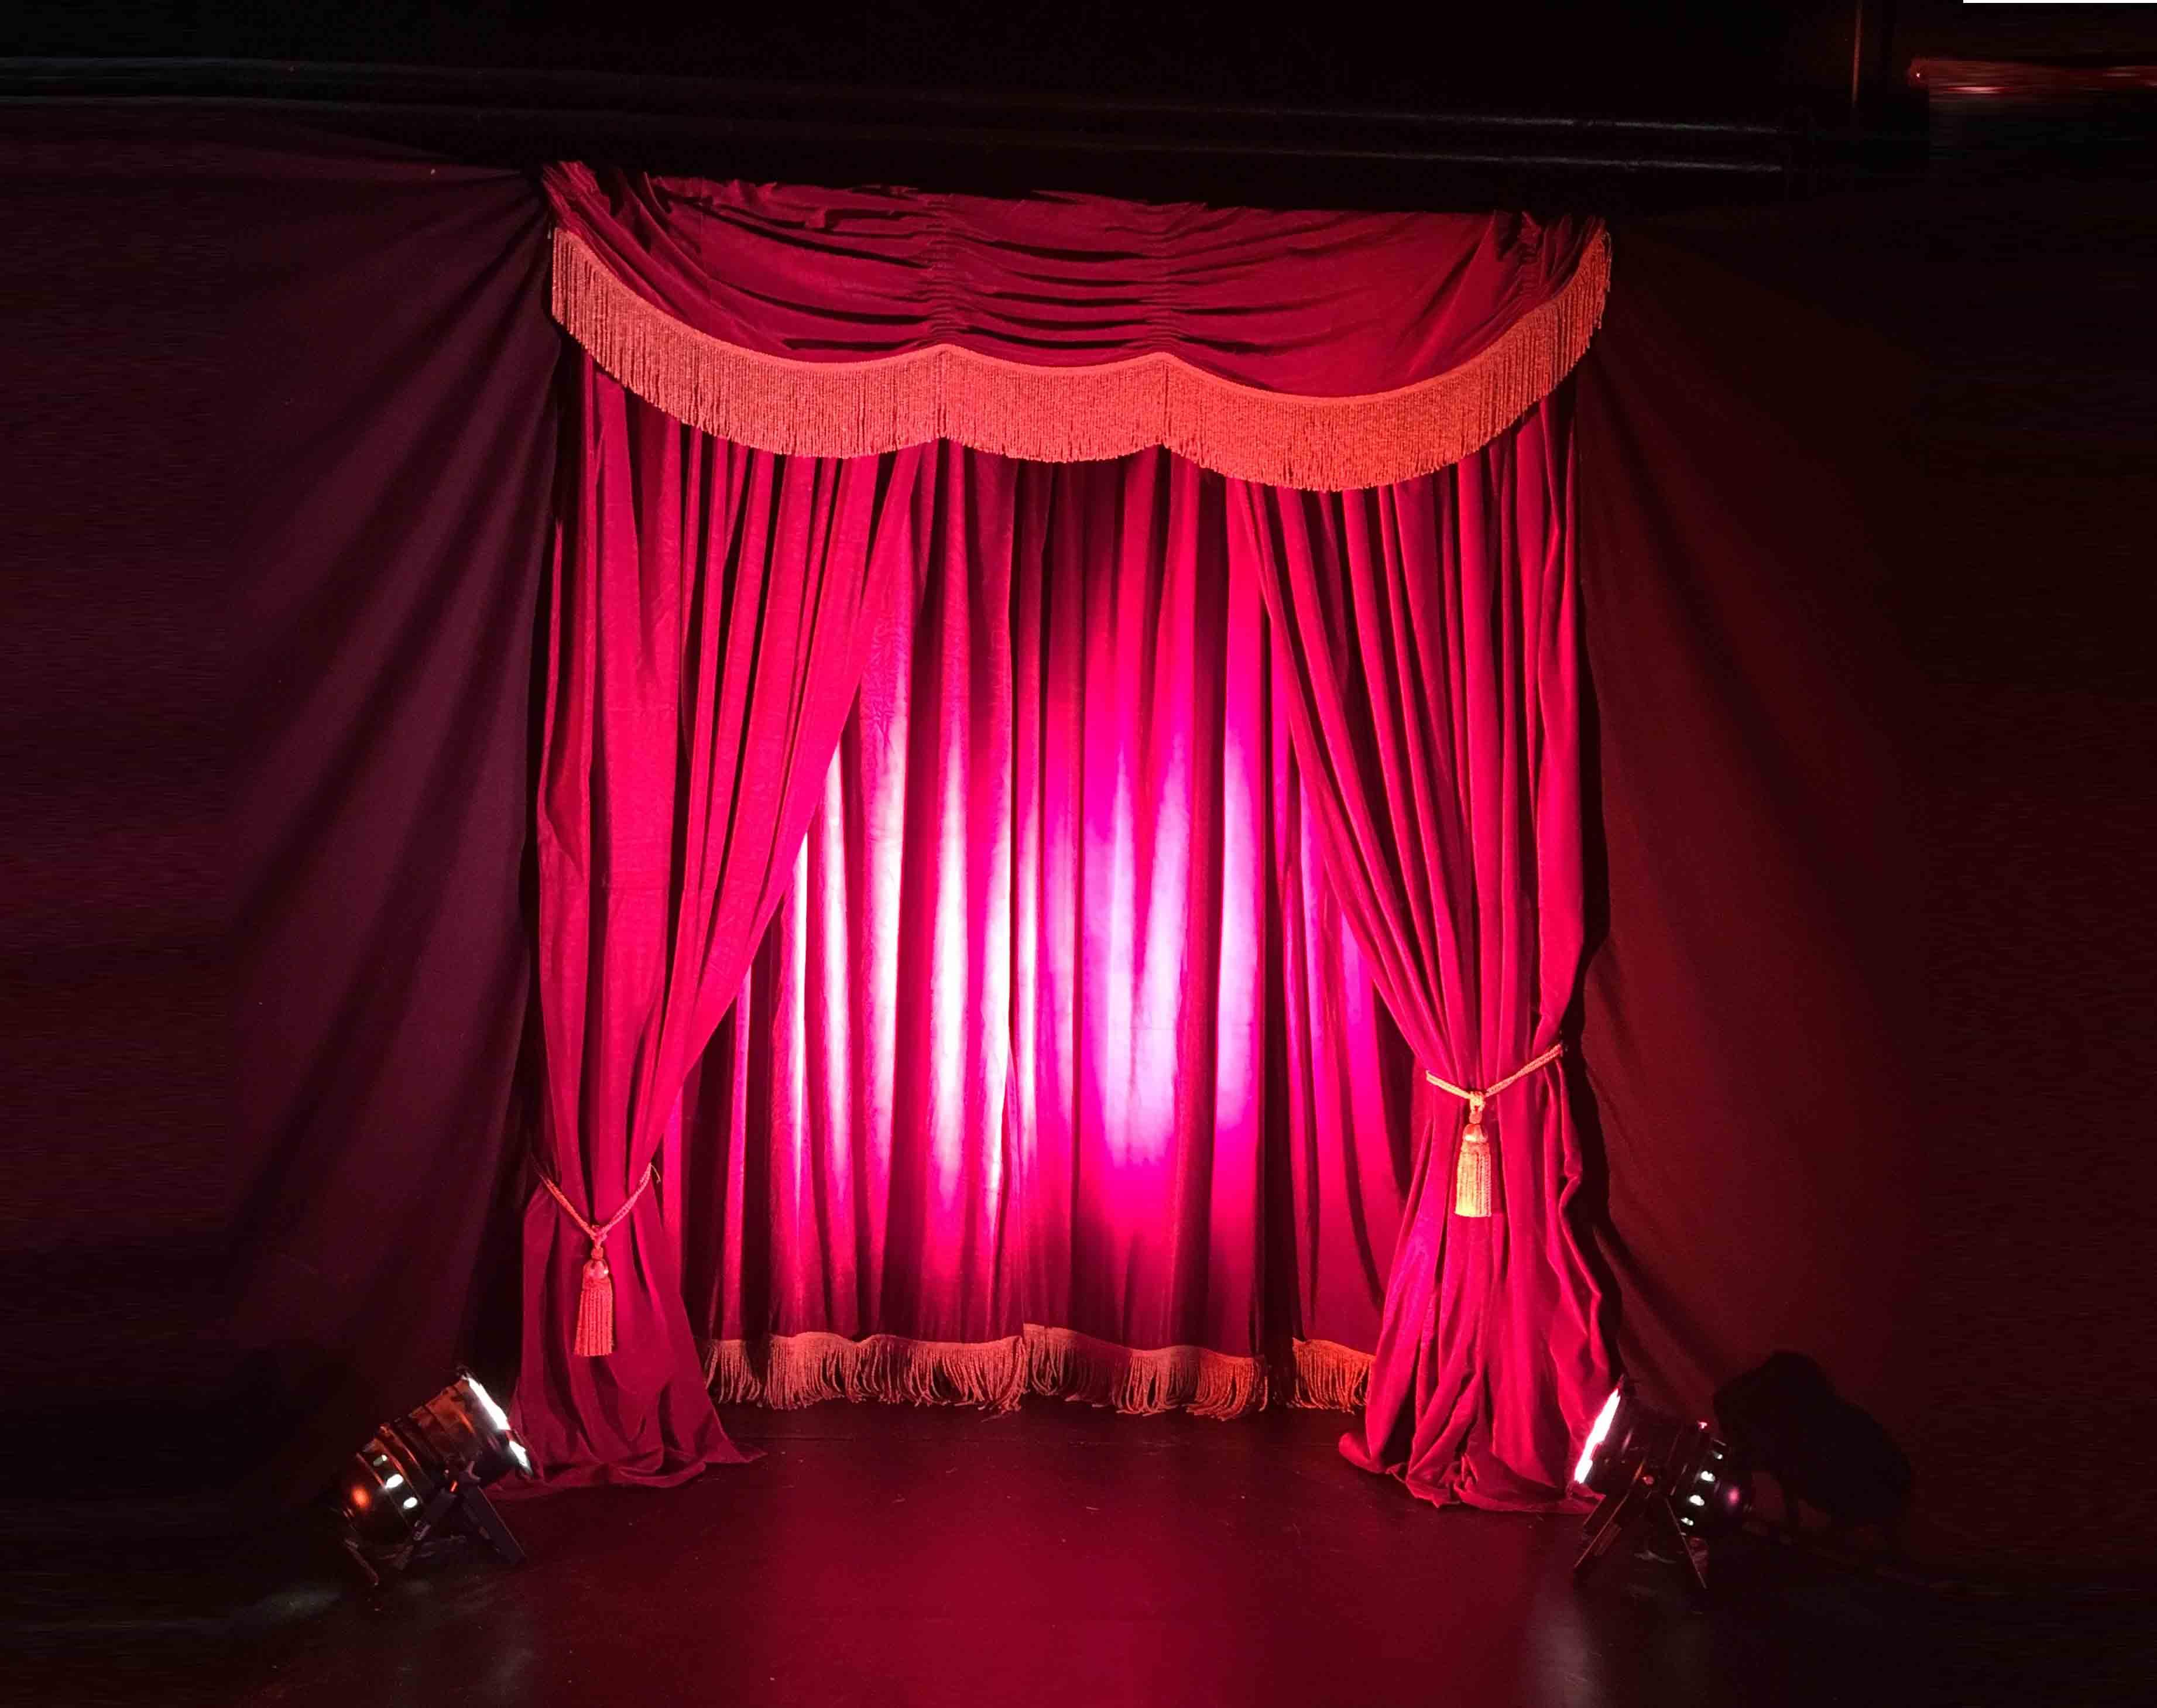 Vorhang-in-der-zirkusfabrik